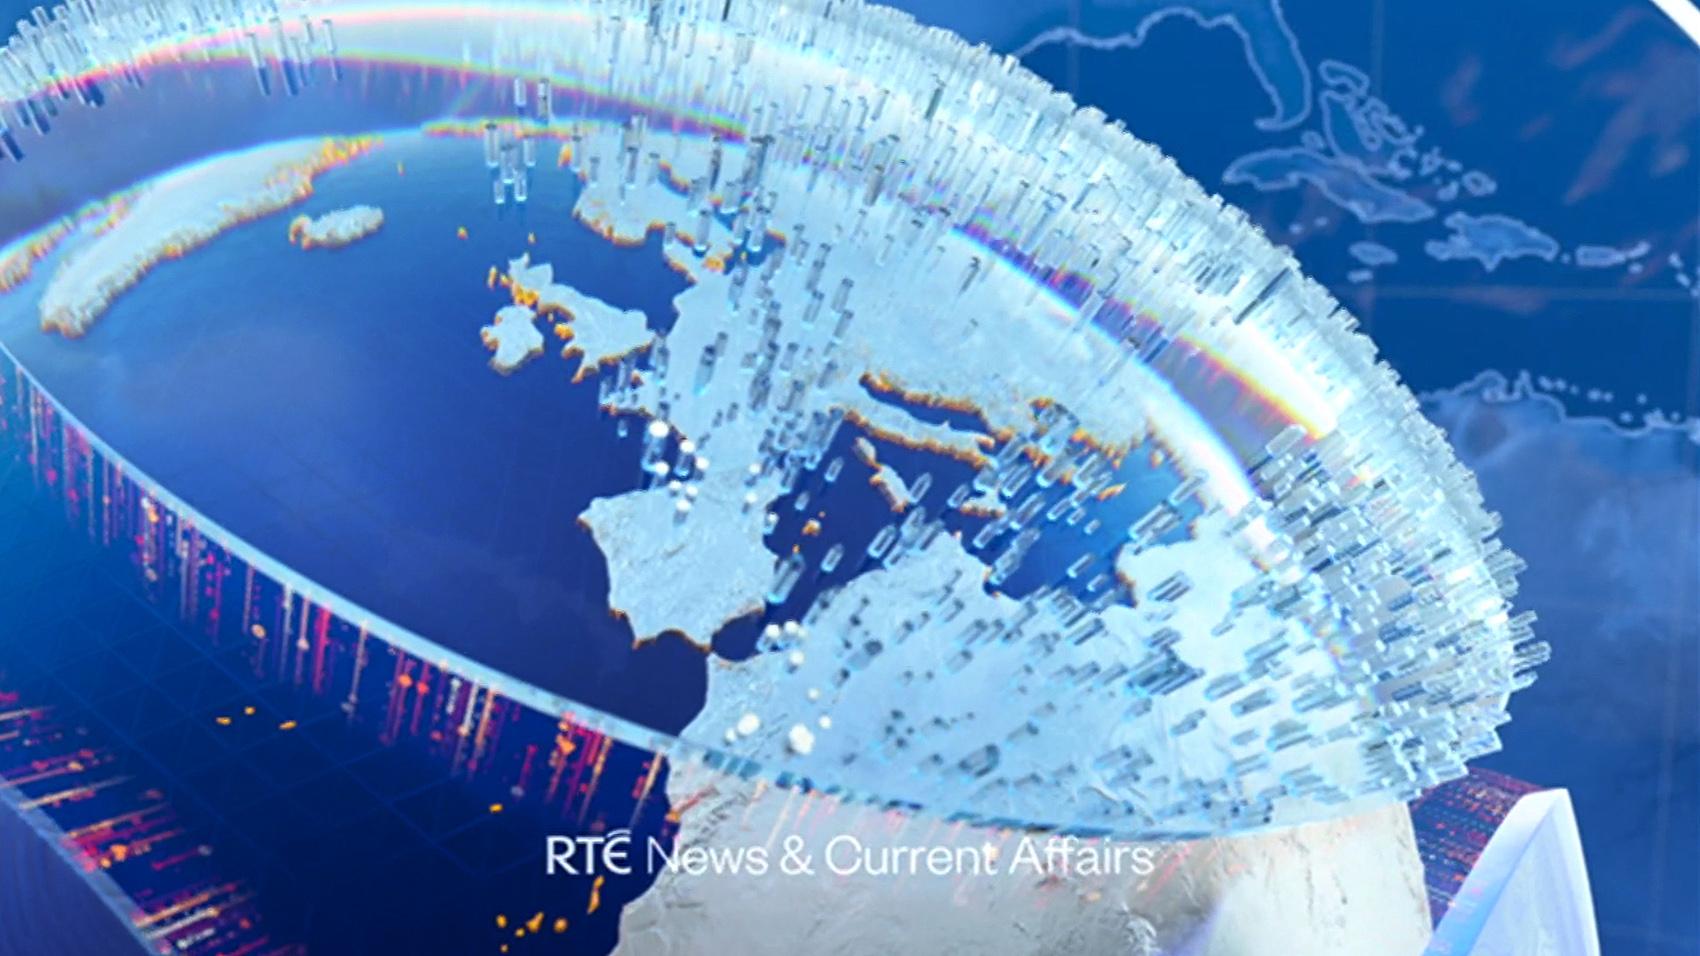 NCS_RTE-News-Graphics_006